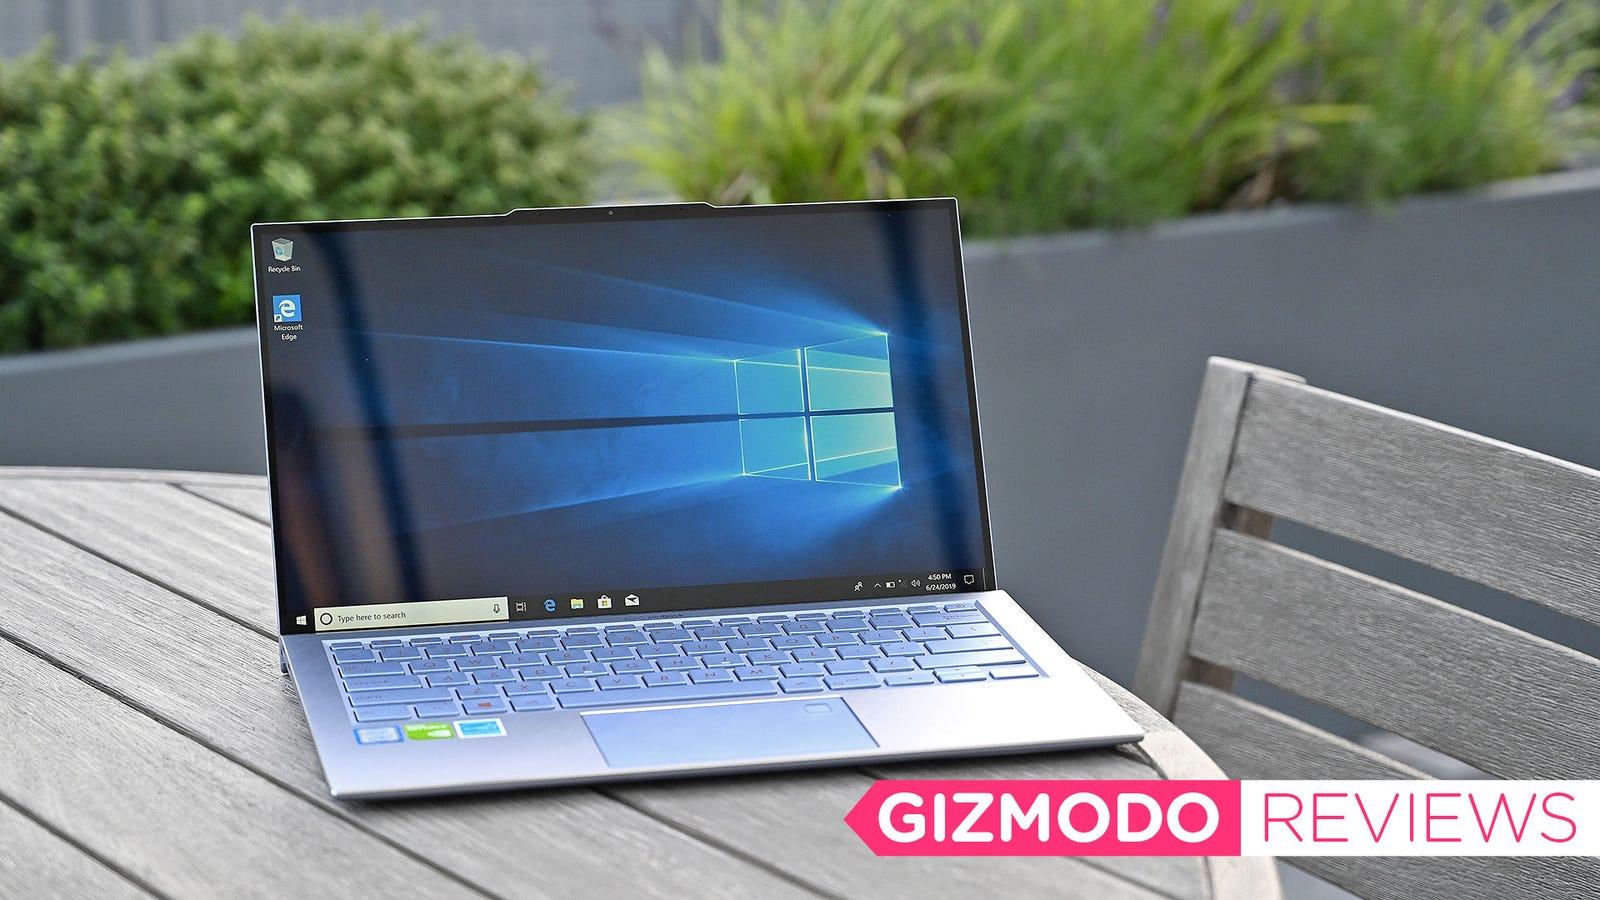 Asus Zenbook S13 Review: A Notch, a Bump, a Clever Little Laptop